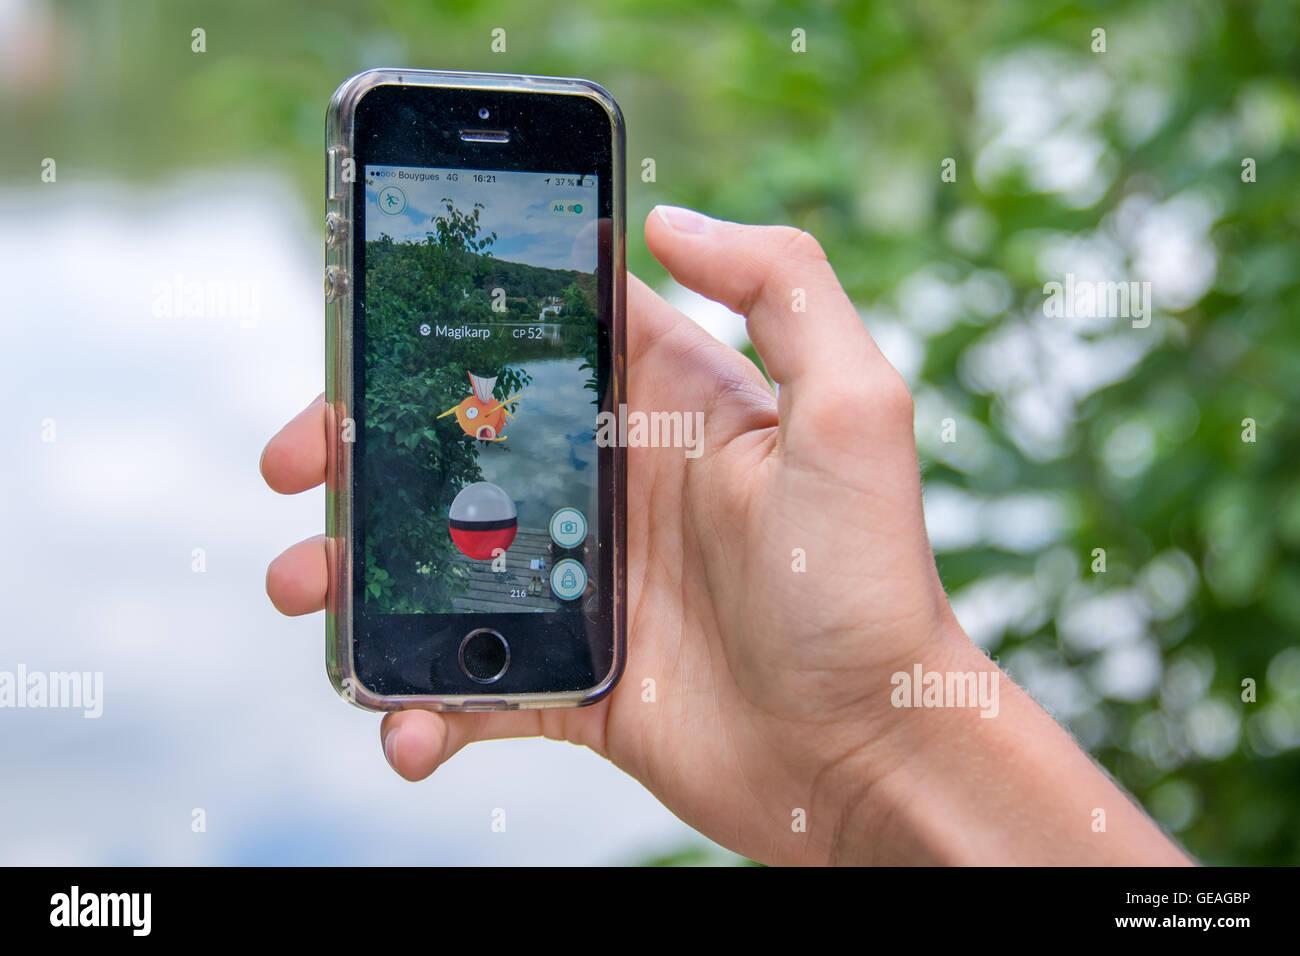 Meudon, Frankreich. 24. Juli 2016. Apple iPhone5s mit Pokemon Go Anwendung, Hände eines Teenagers, spielt in Stockbild